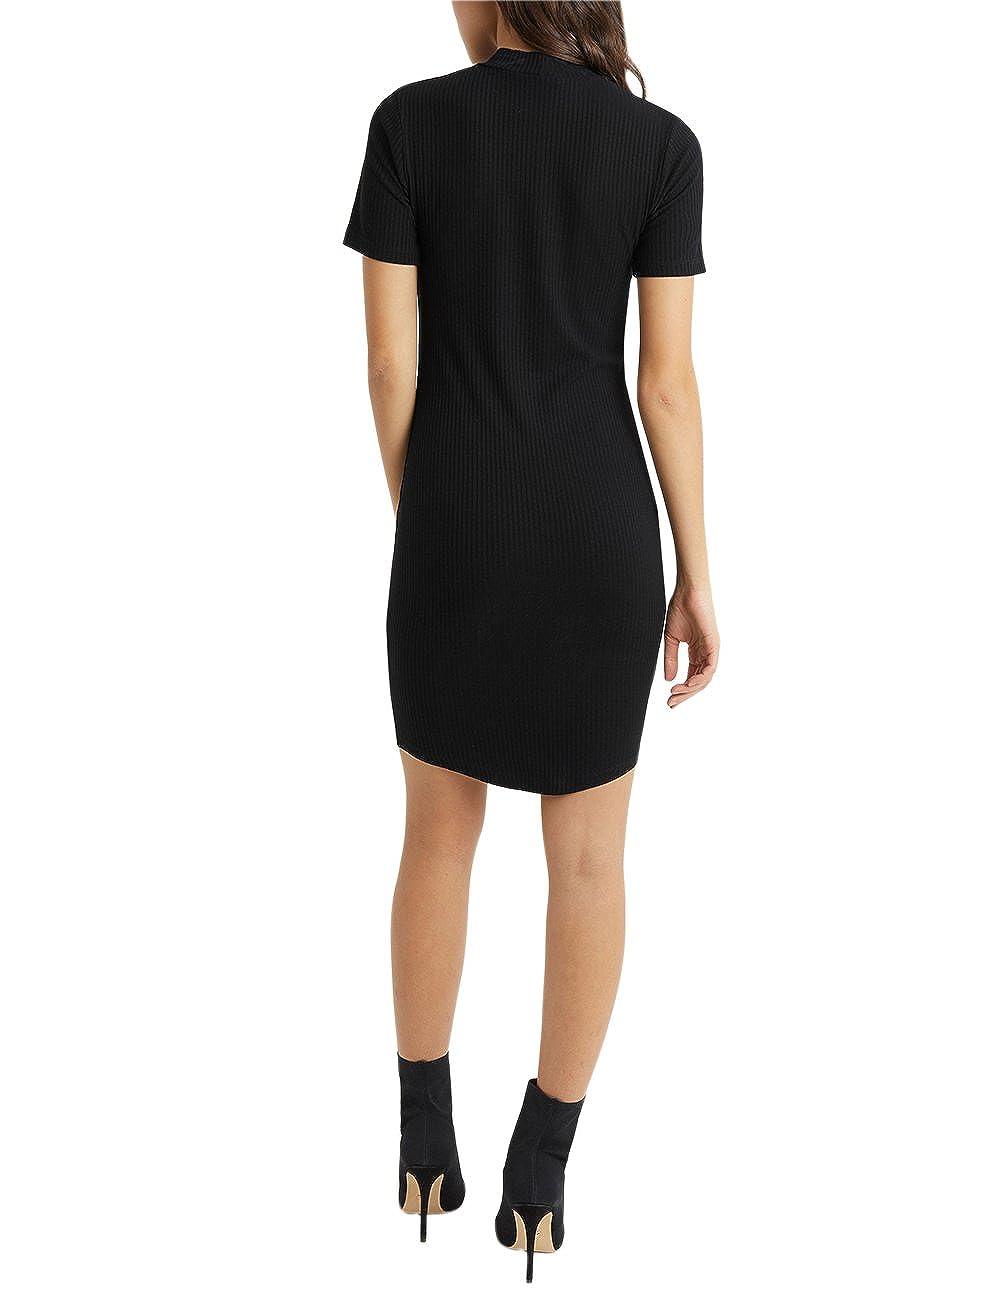 Lipsy Mujer Vestido De Cuello Subido De Canalé Negro EU 34 (UK 6 ...